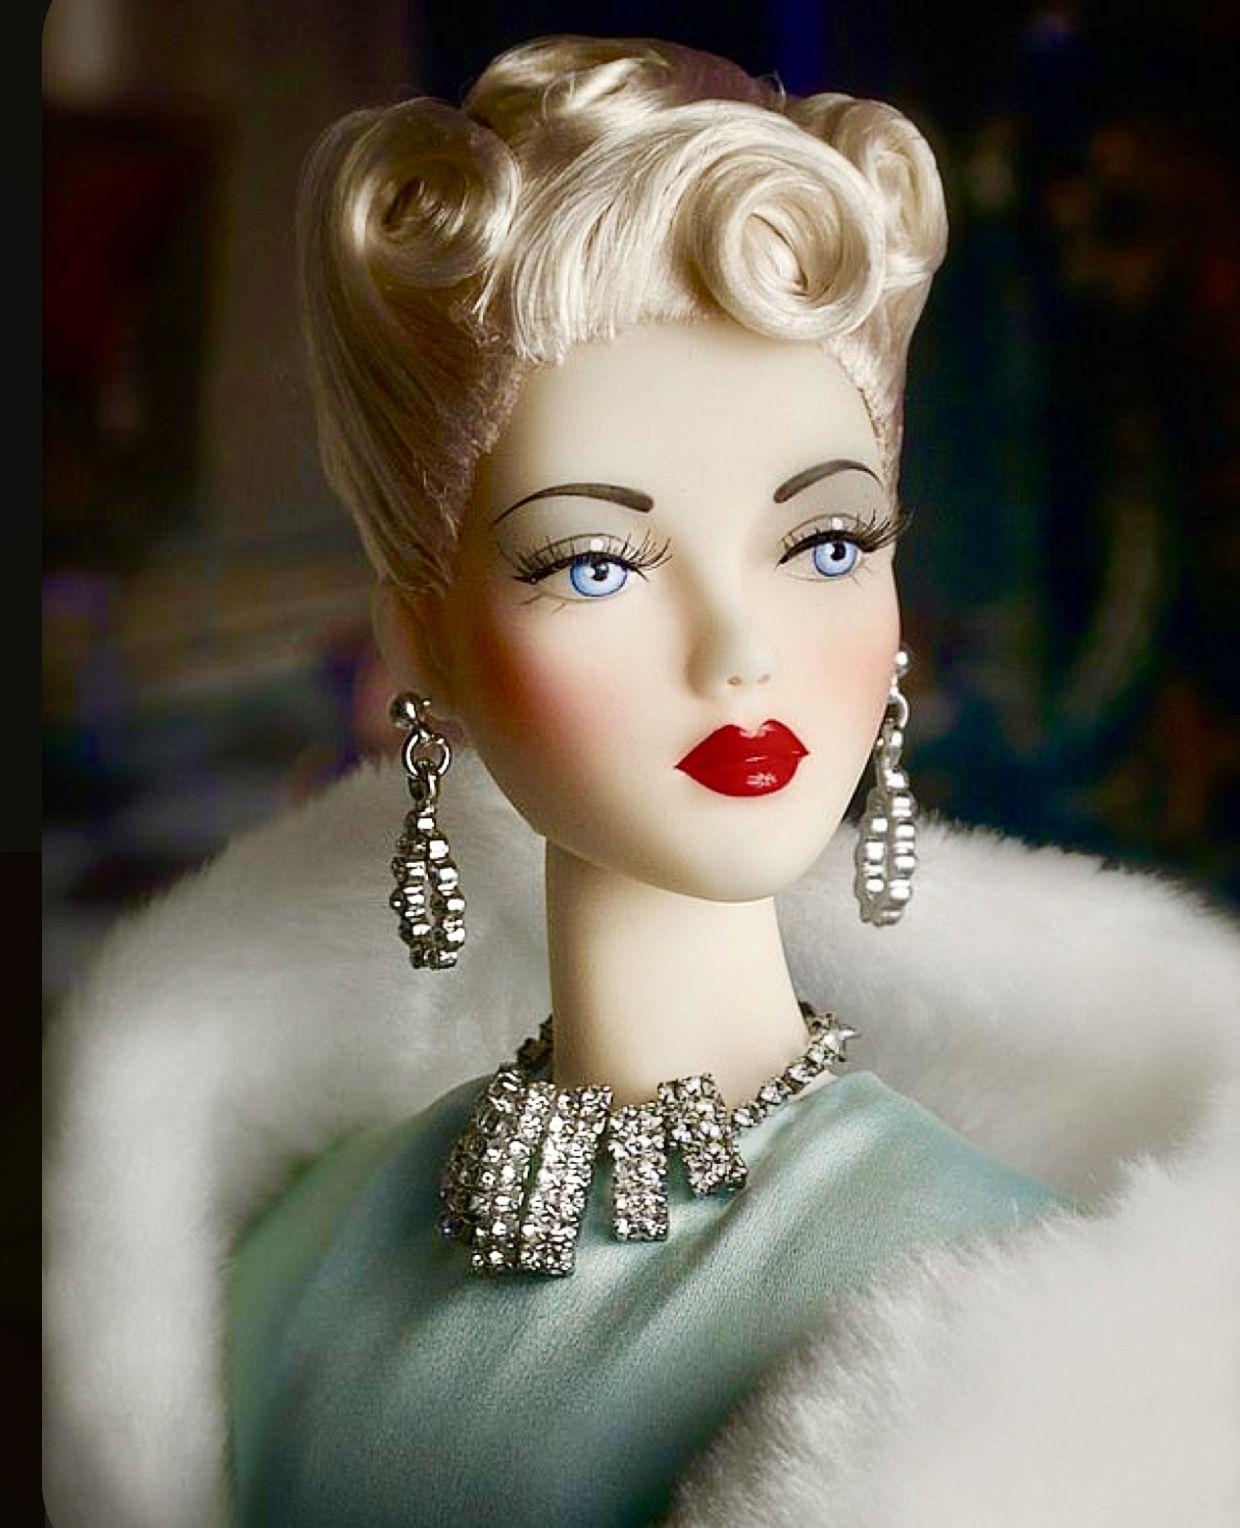 ️💚 ️ in 2020 Barbie fashion, Fashion dolls, Fashion